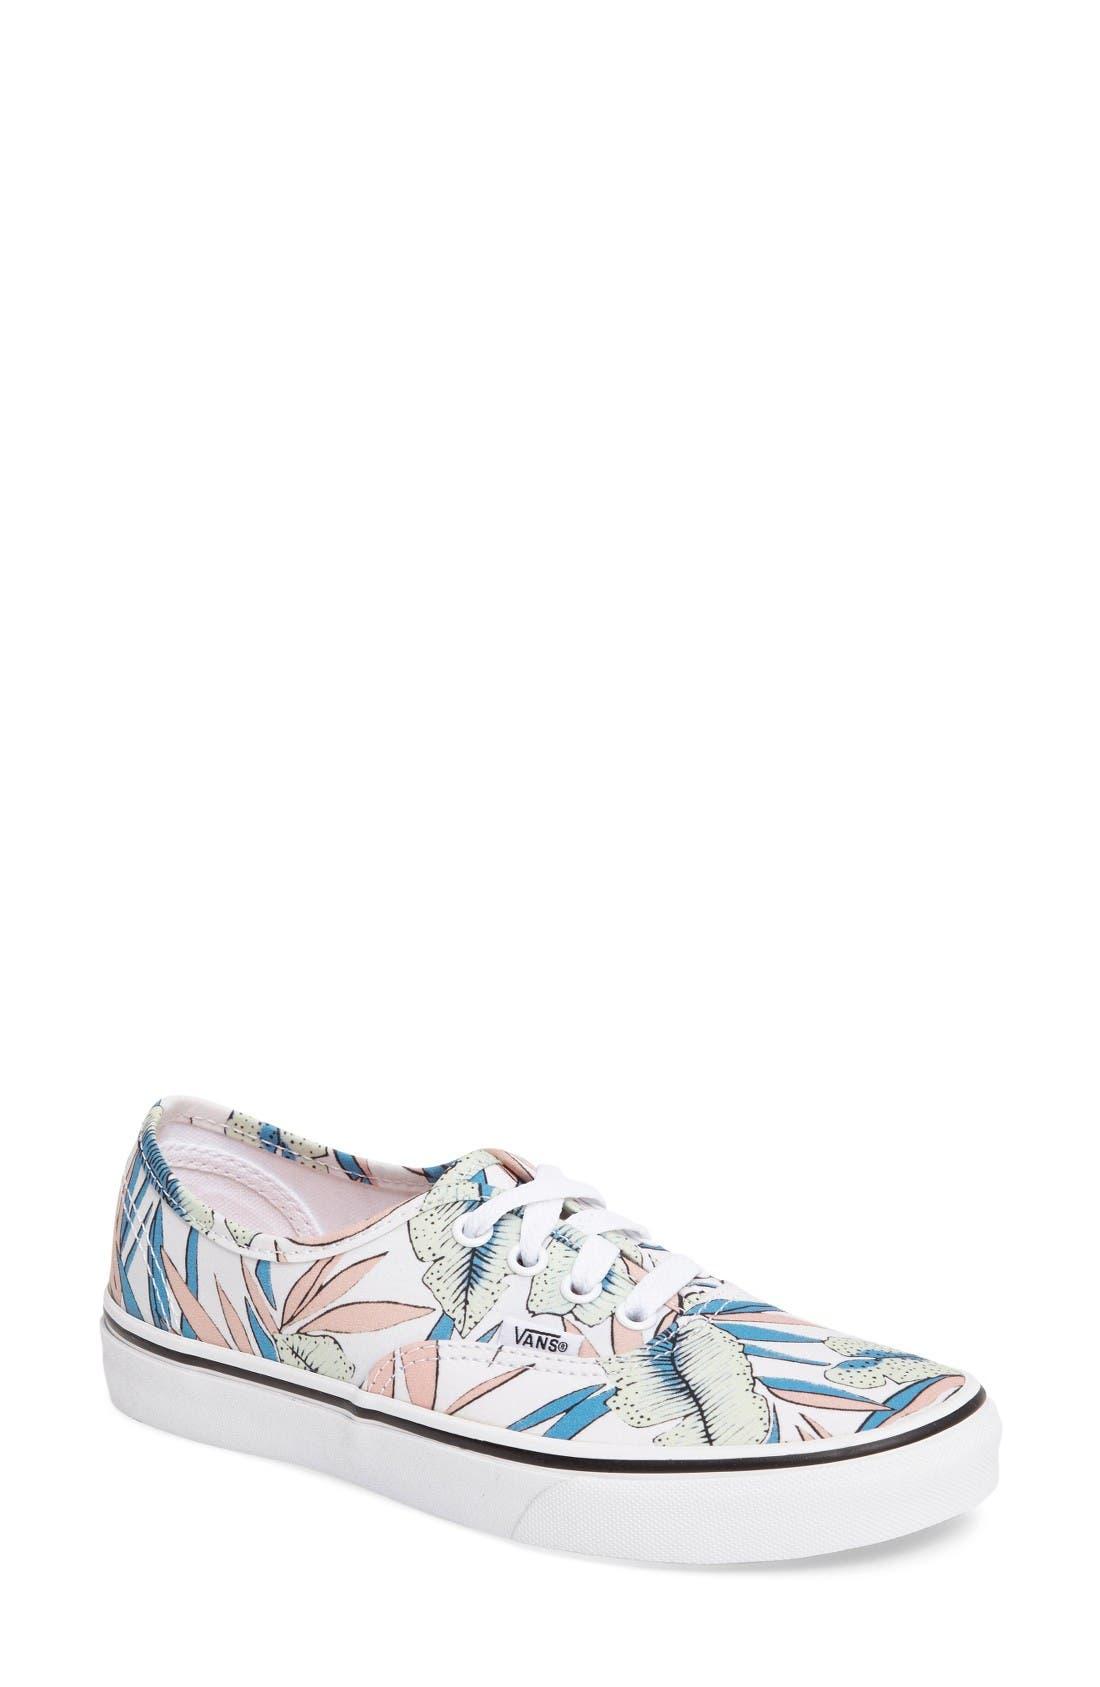 Main Image - Vans 'Authentic' Canvas Sneaker (Women)